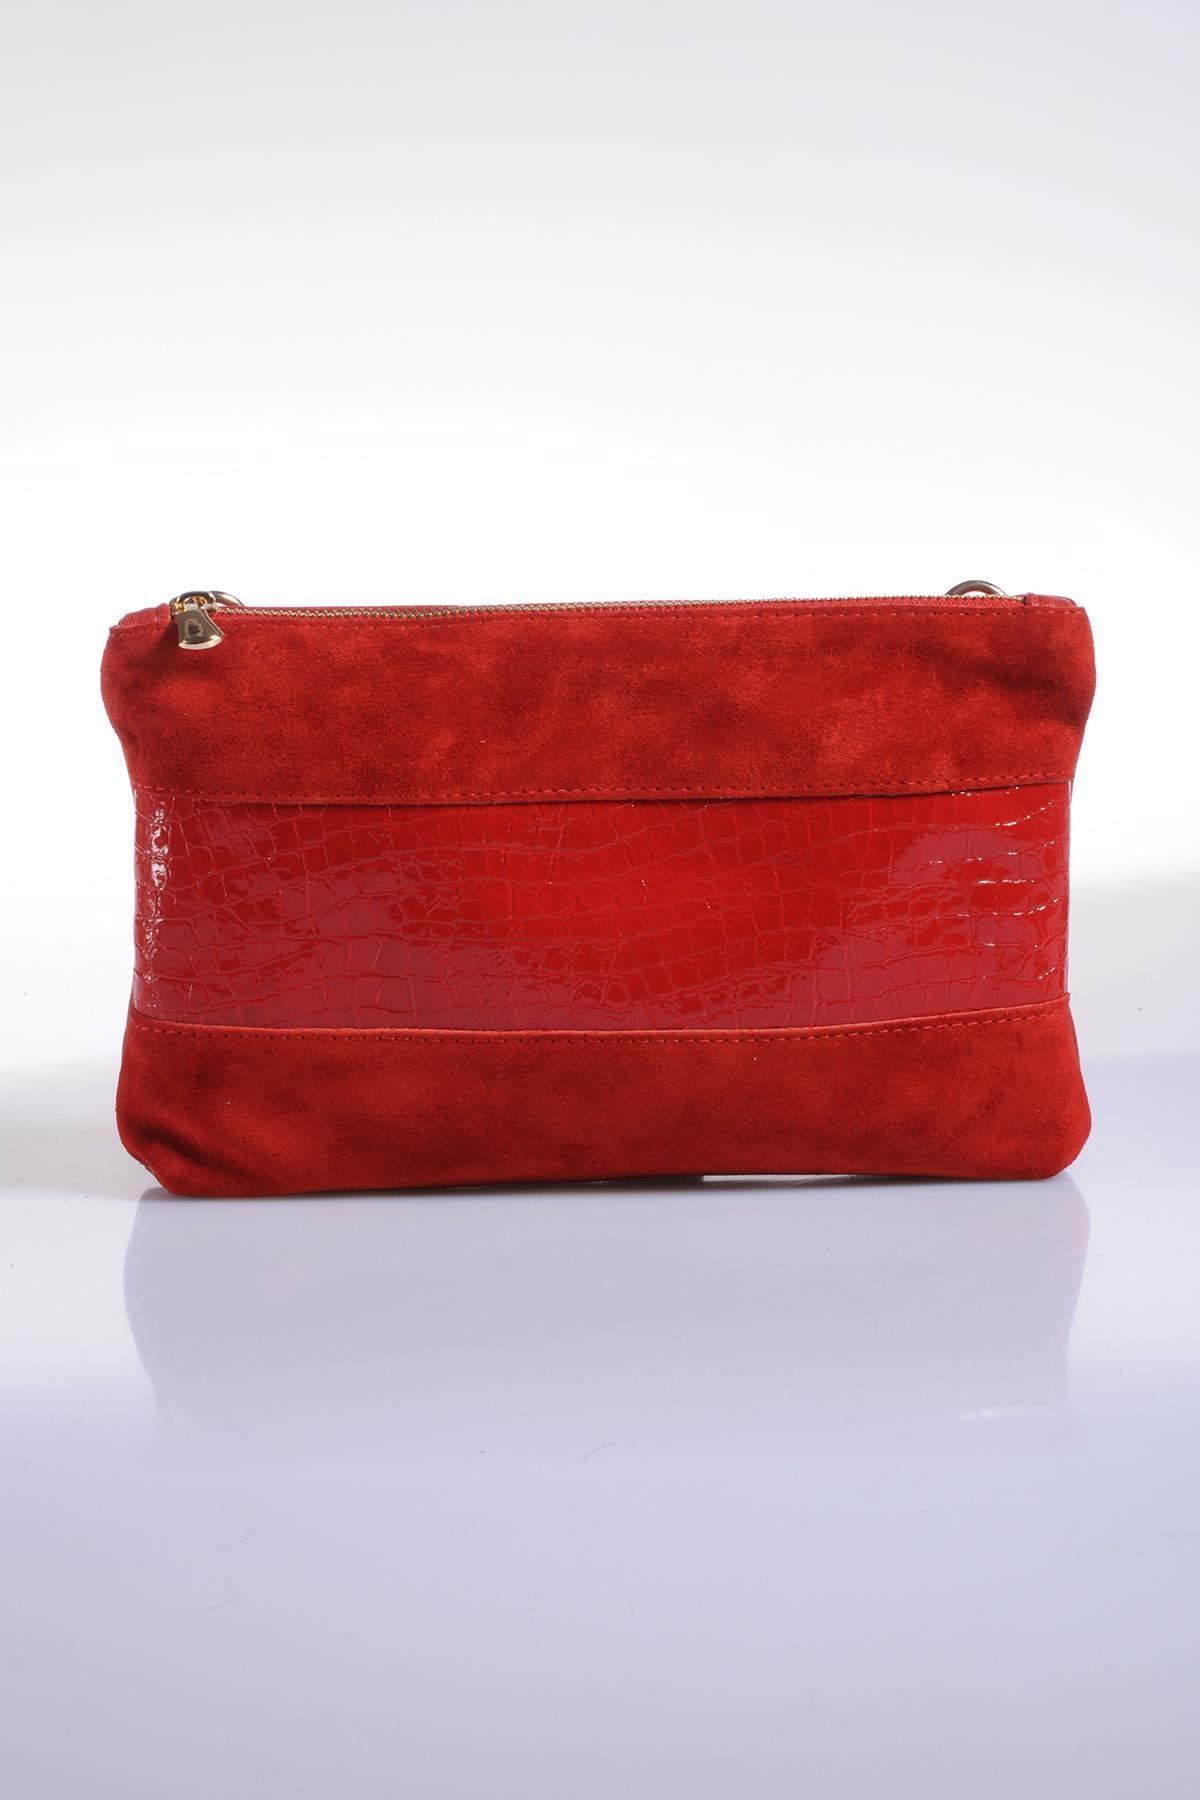 Sergio Giorgianni Kadın Kırmızı Omuz Çantası sgzd3577-1-yılan kırmızı